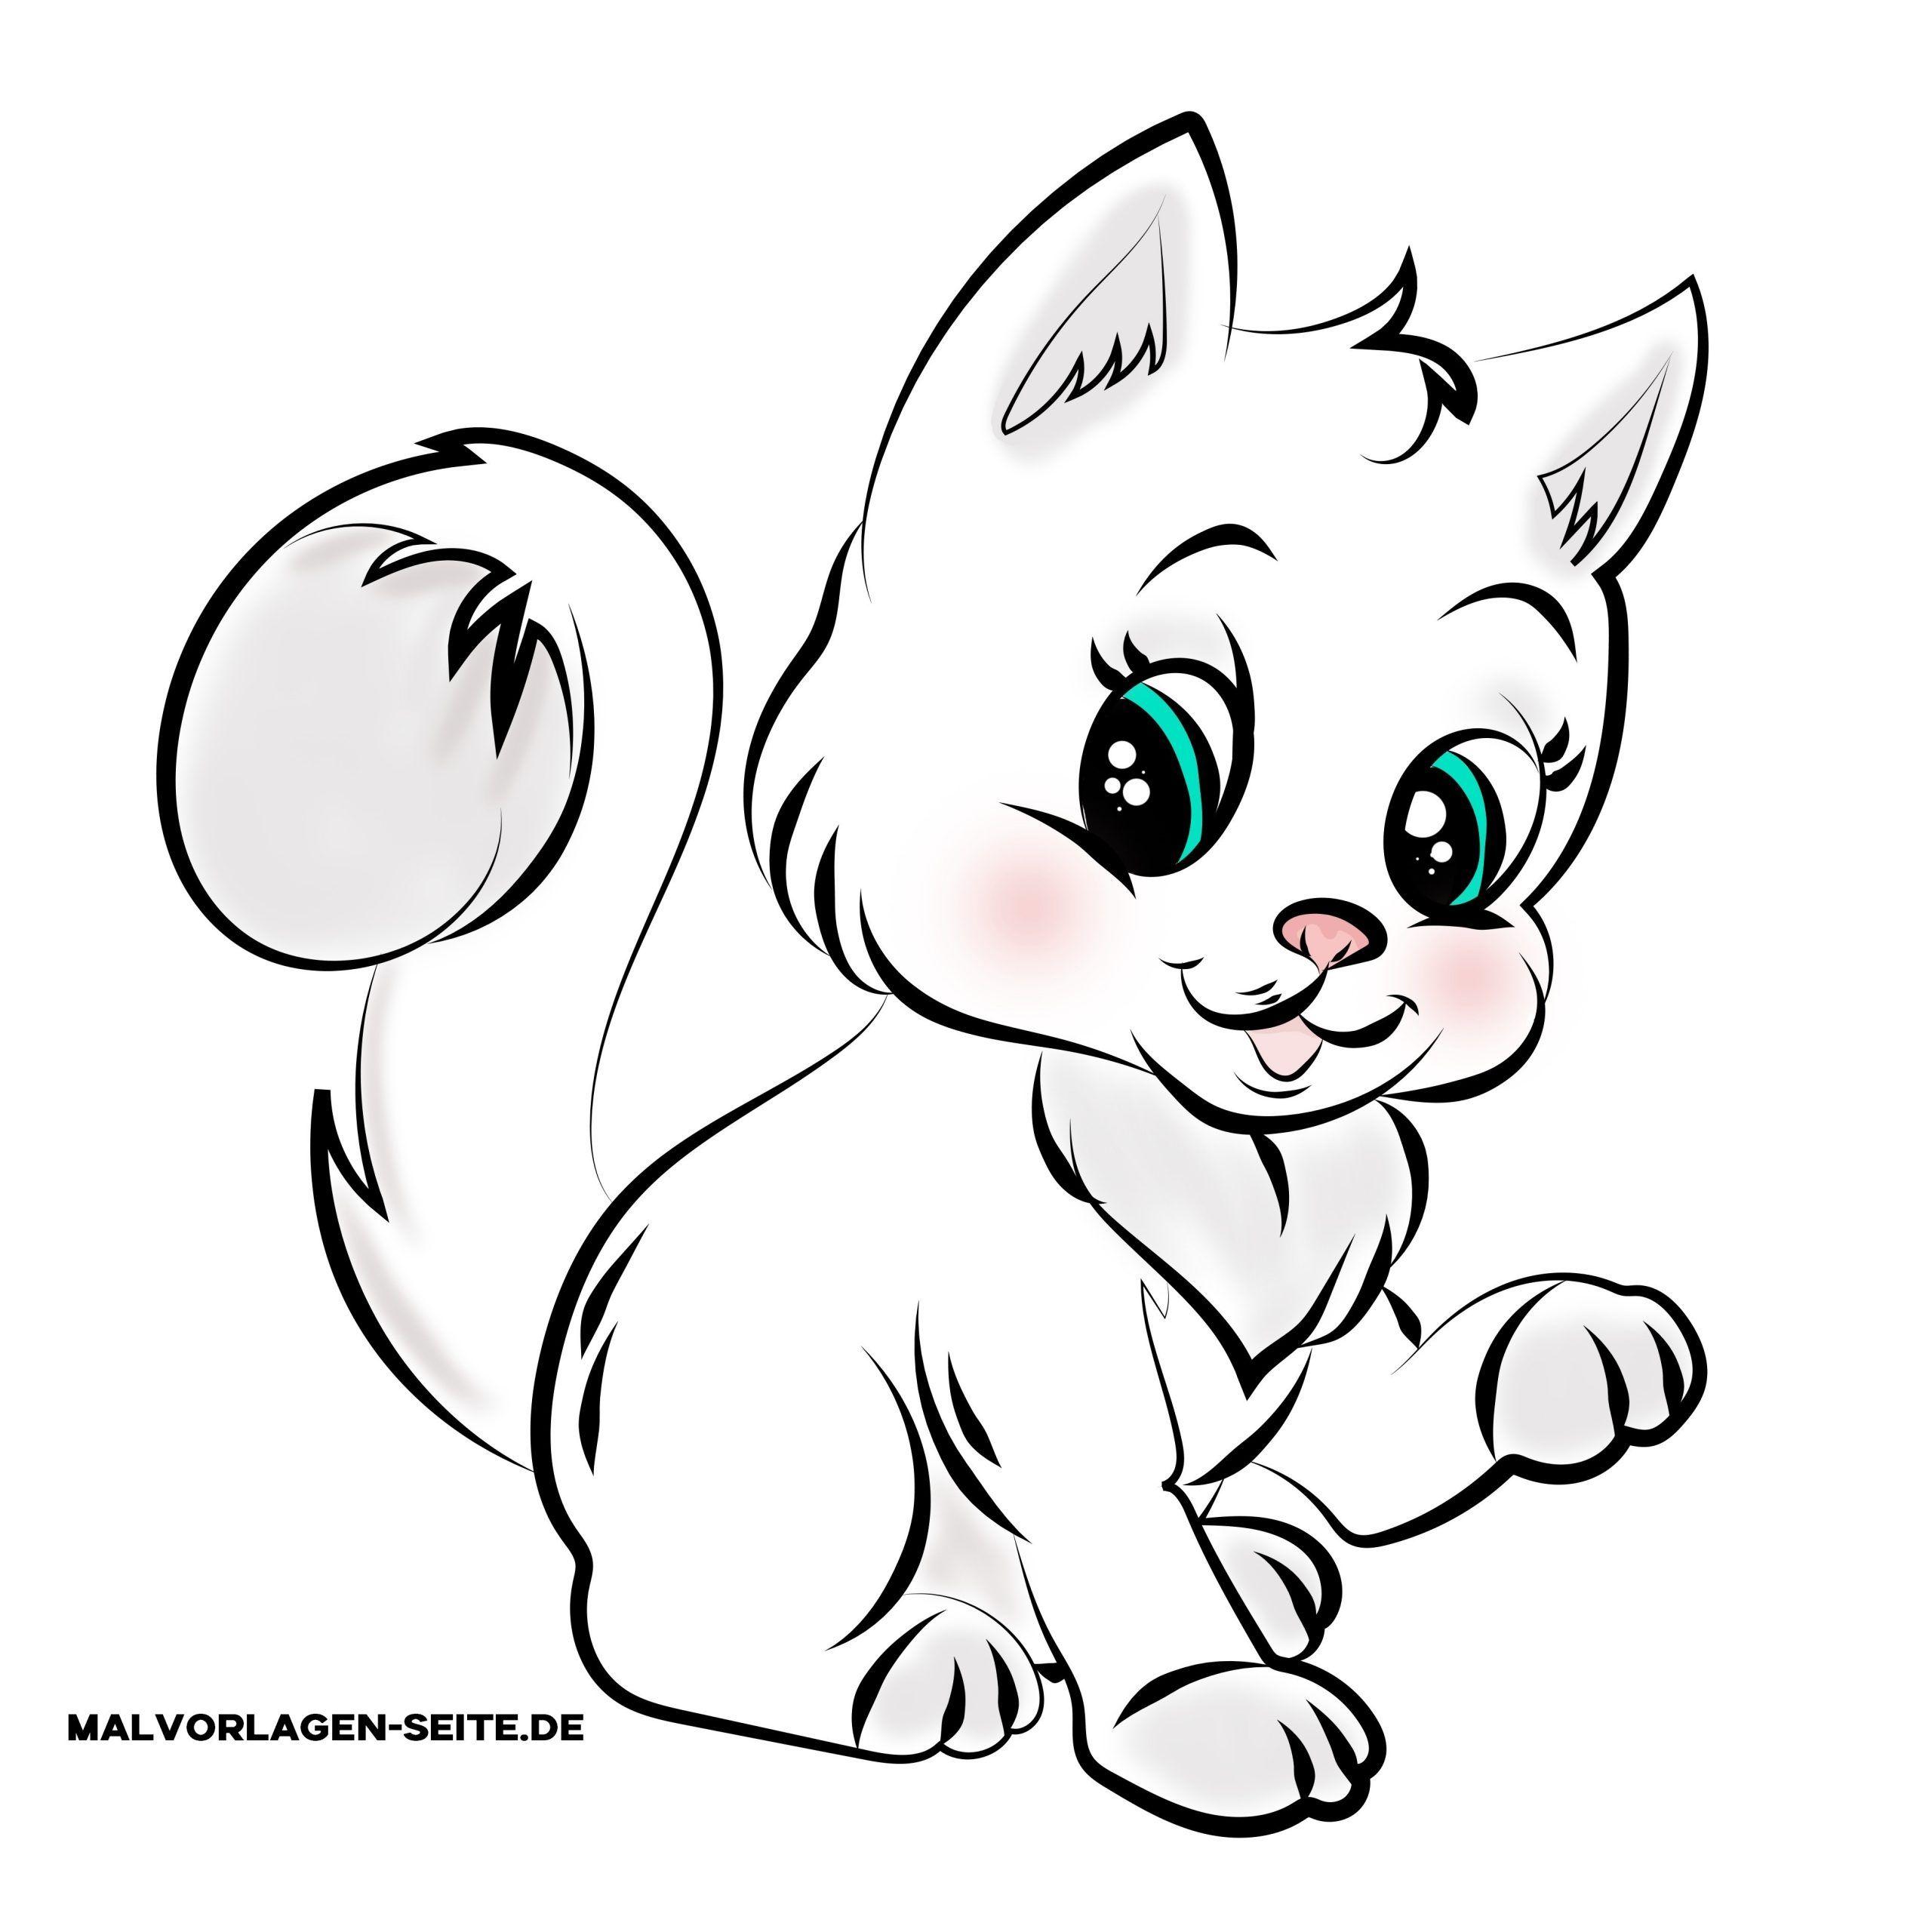 Malvorlagen Babykatzen in 6  Malvorlage katze, Malvorlagen